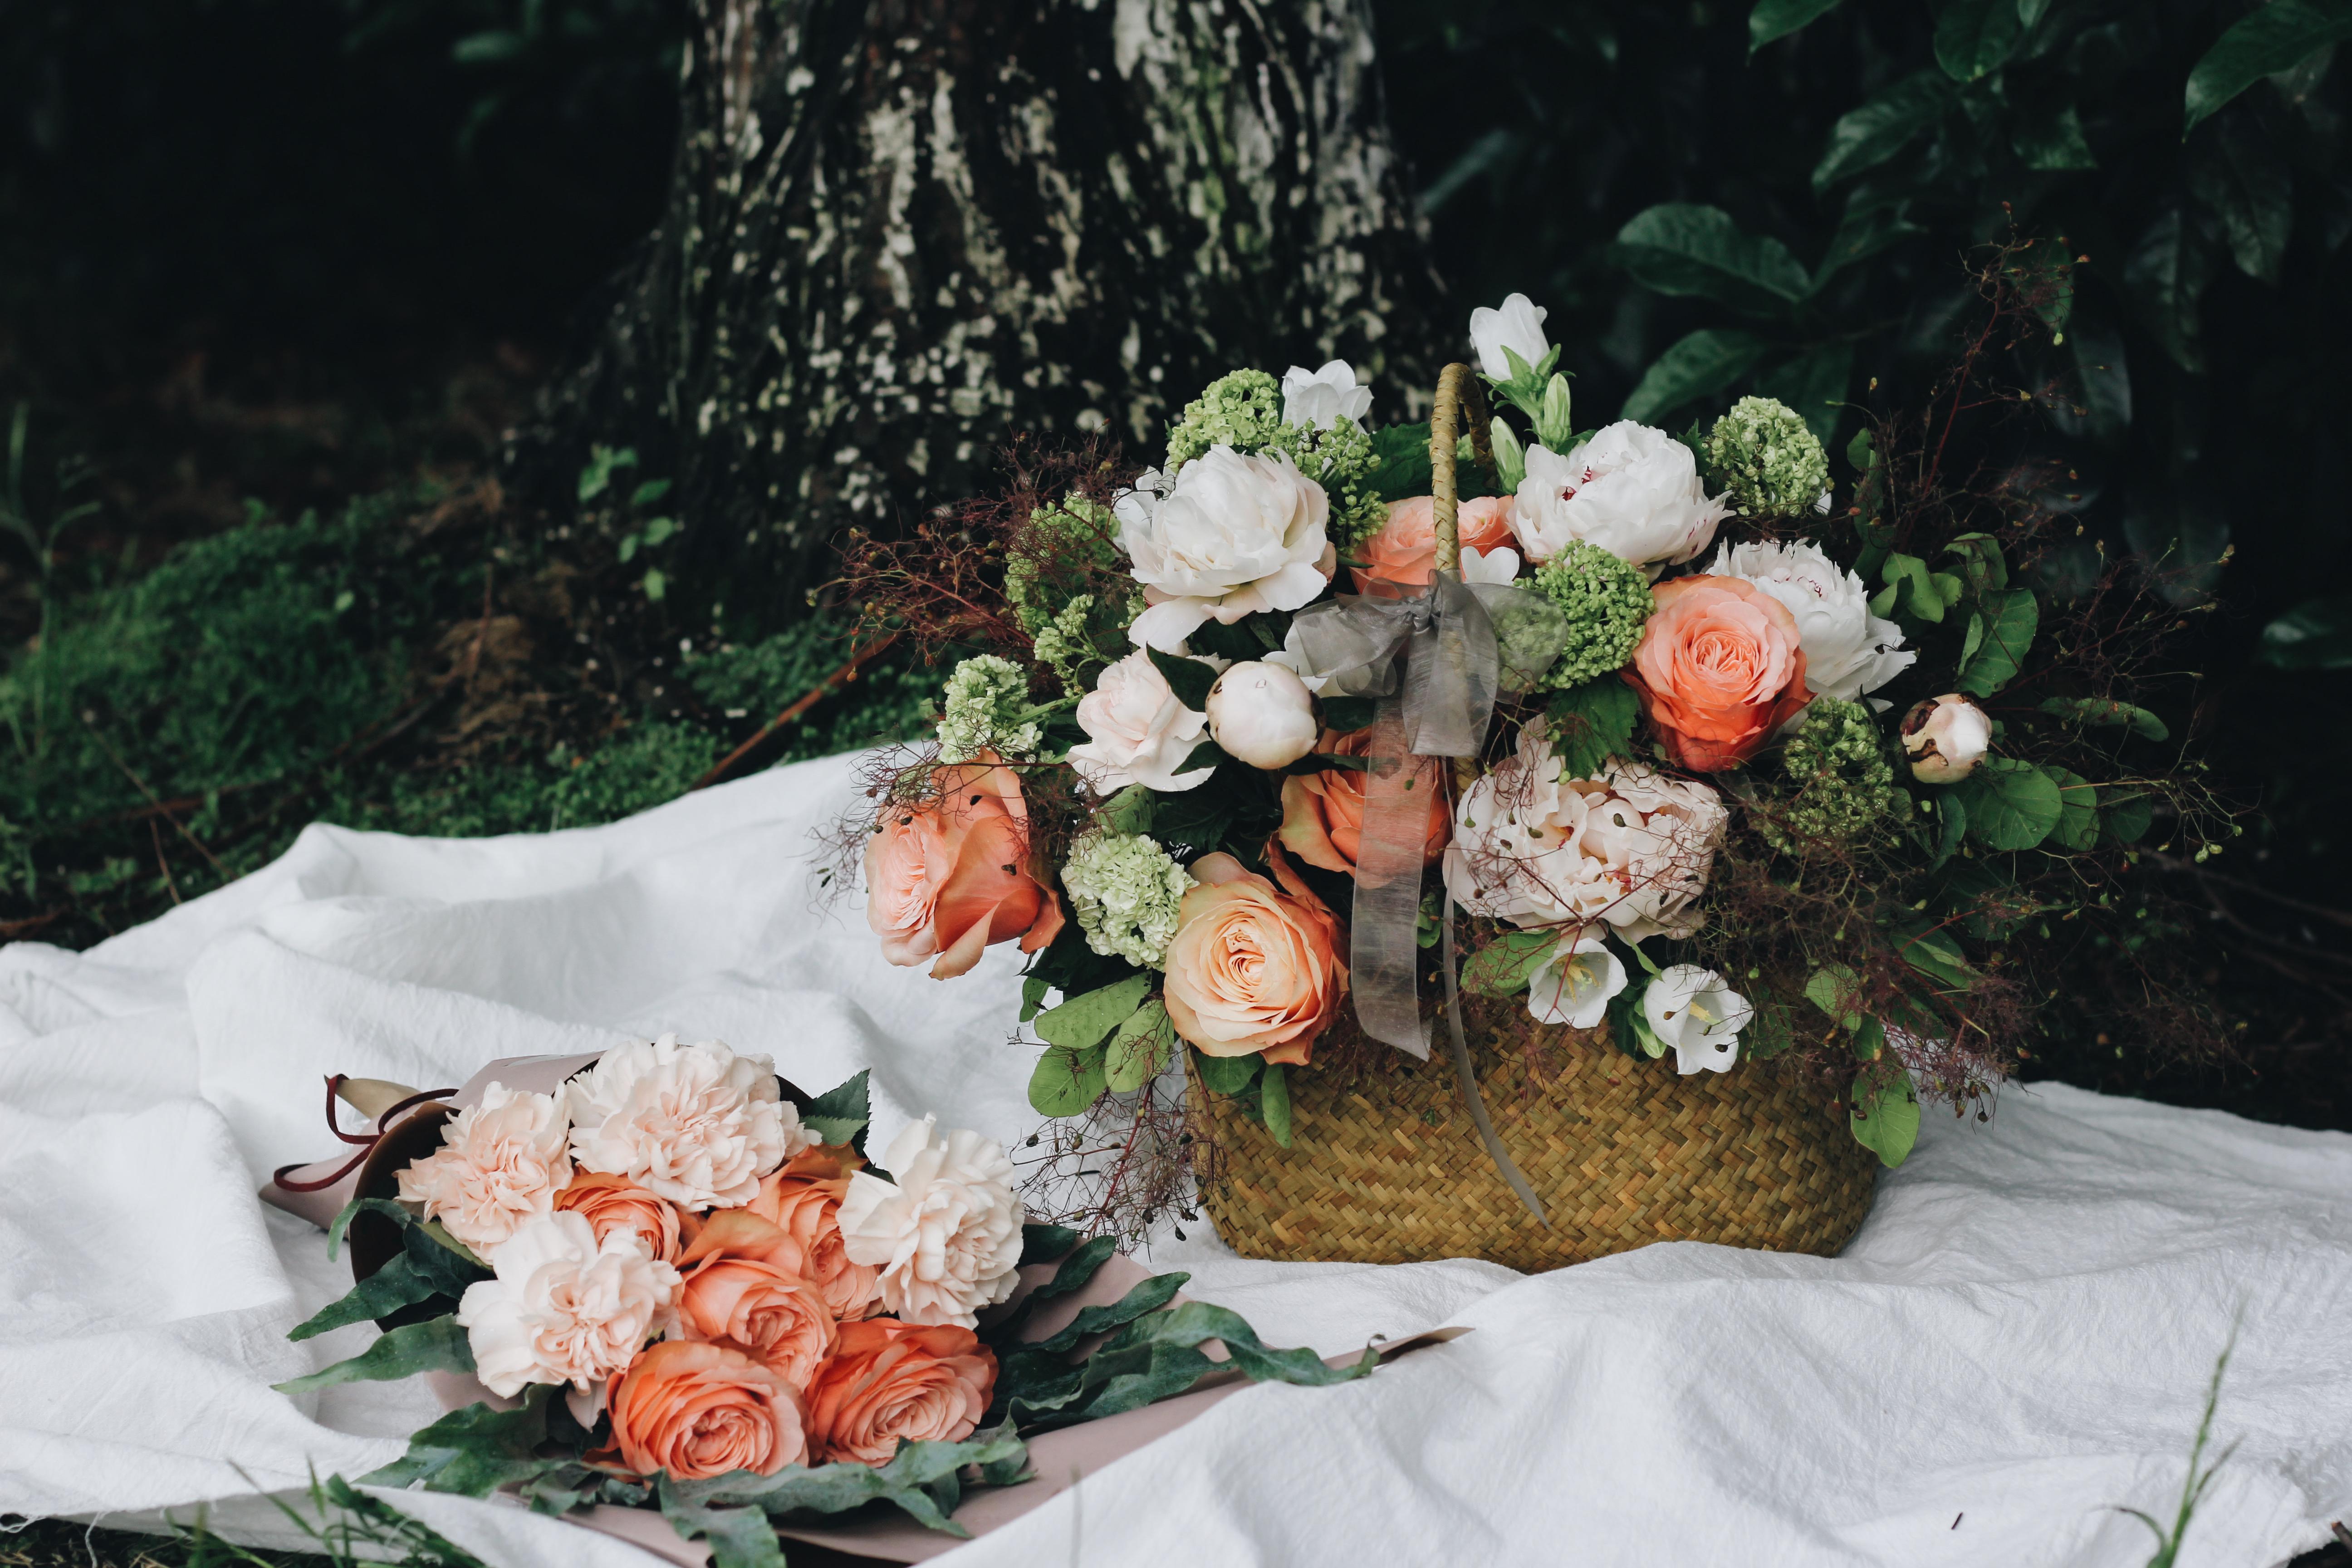 Free Images Plant Basket Flora Flower Arrangement Roses